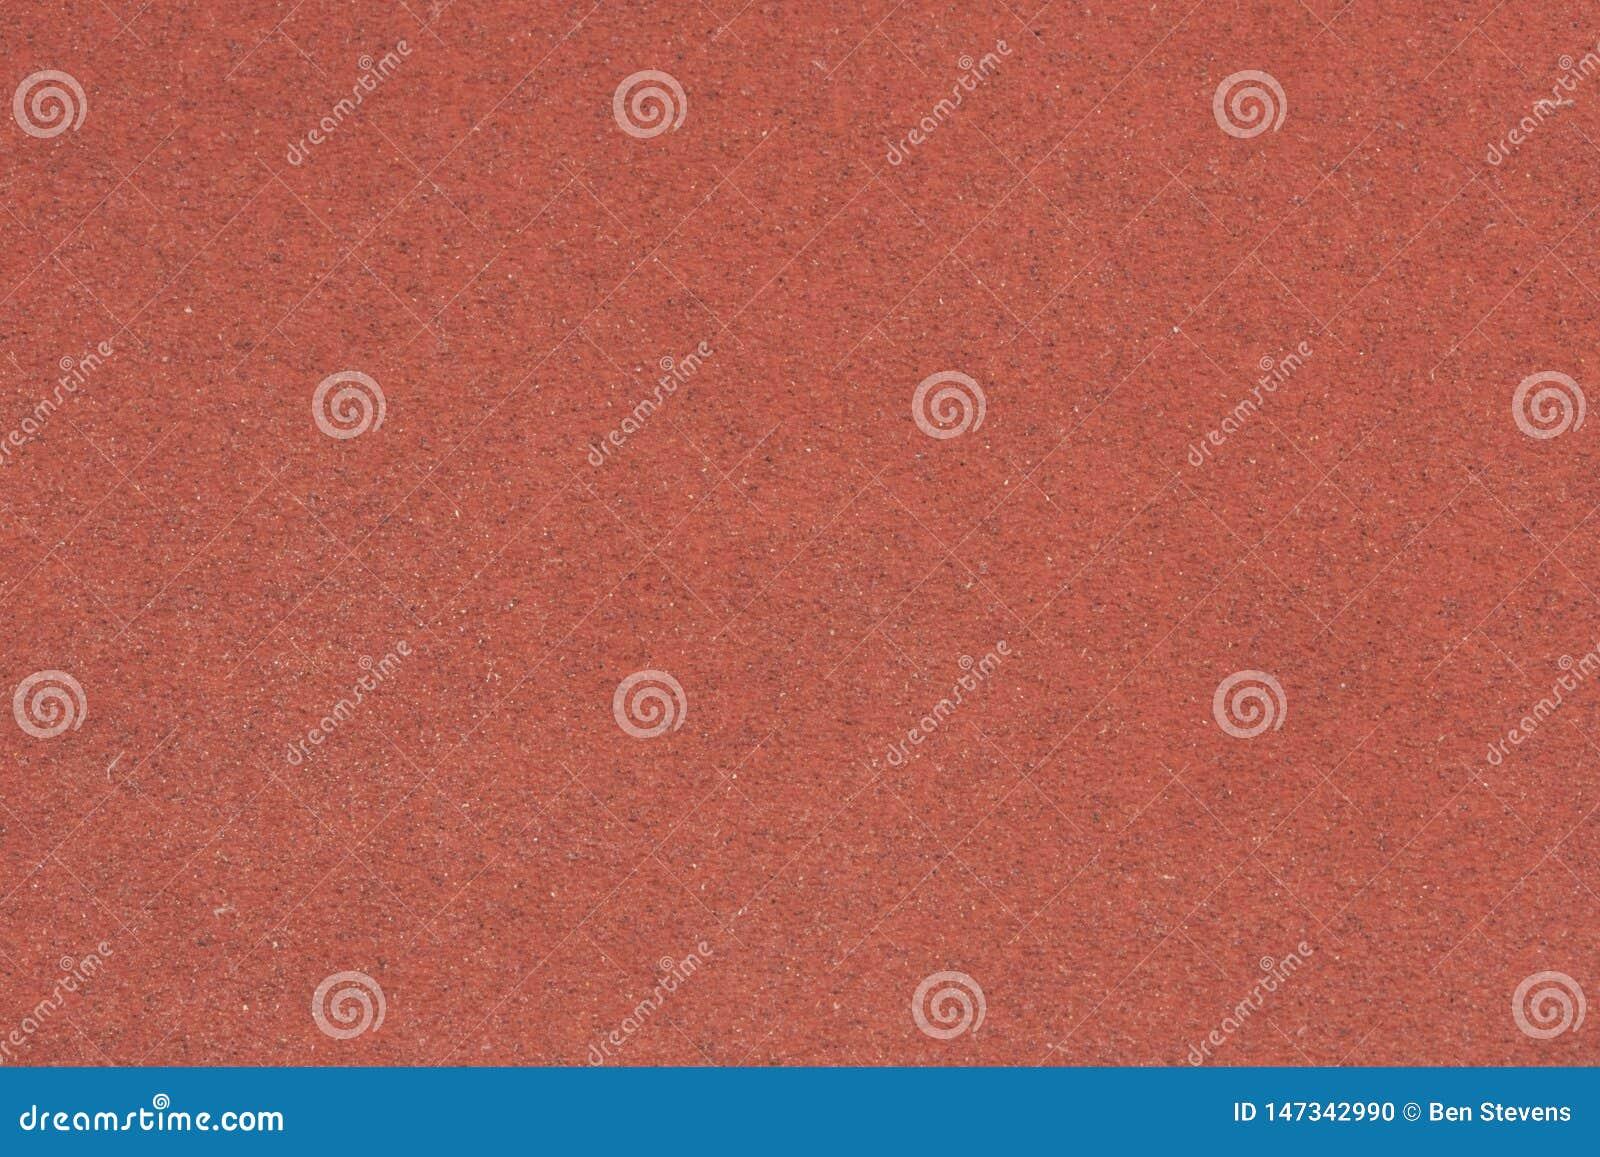 Imagen macra de las texturas del papel de lija